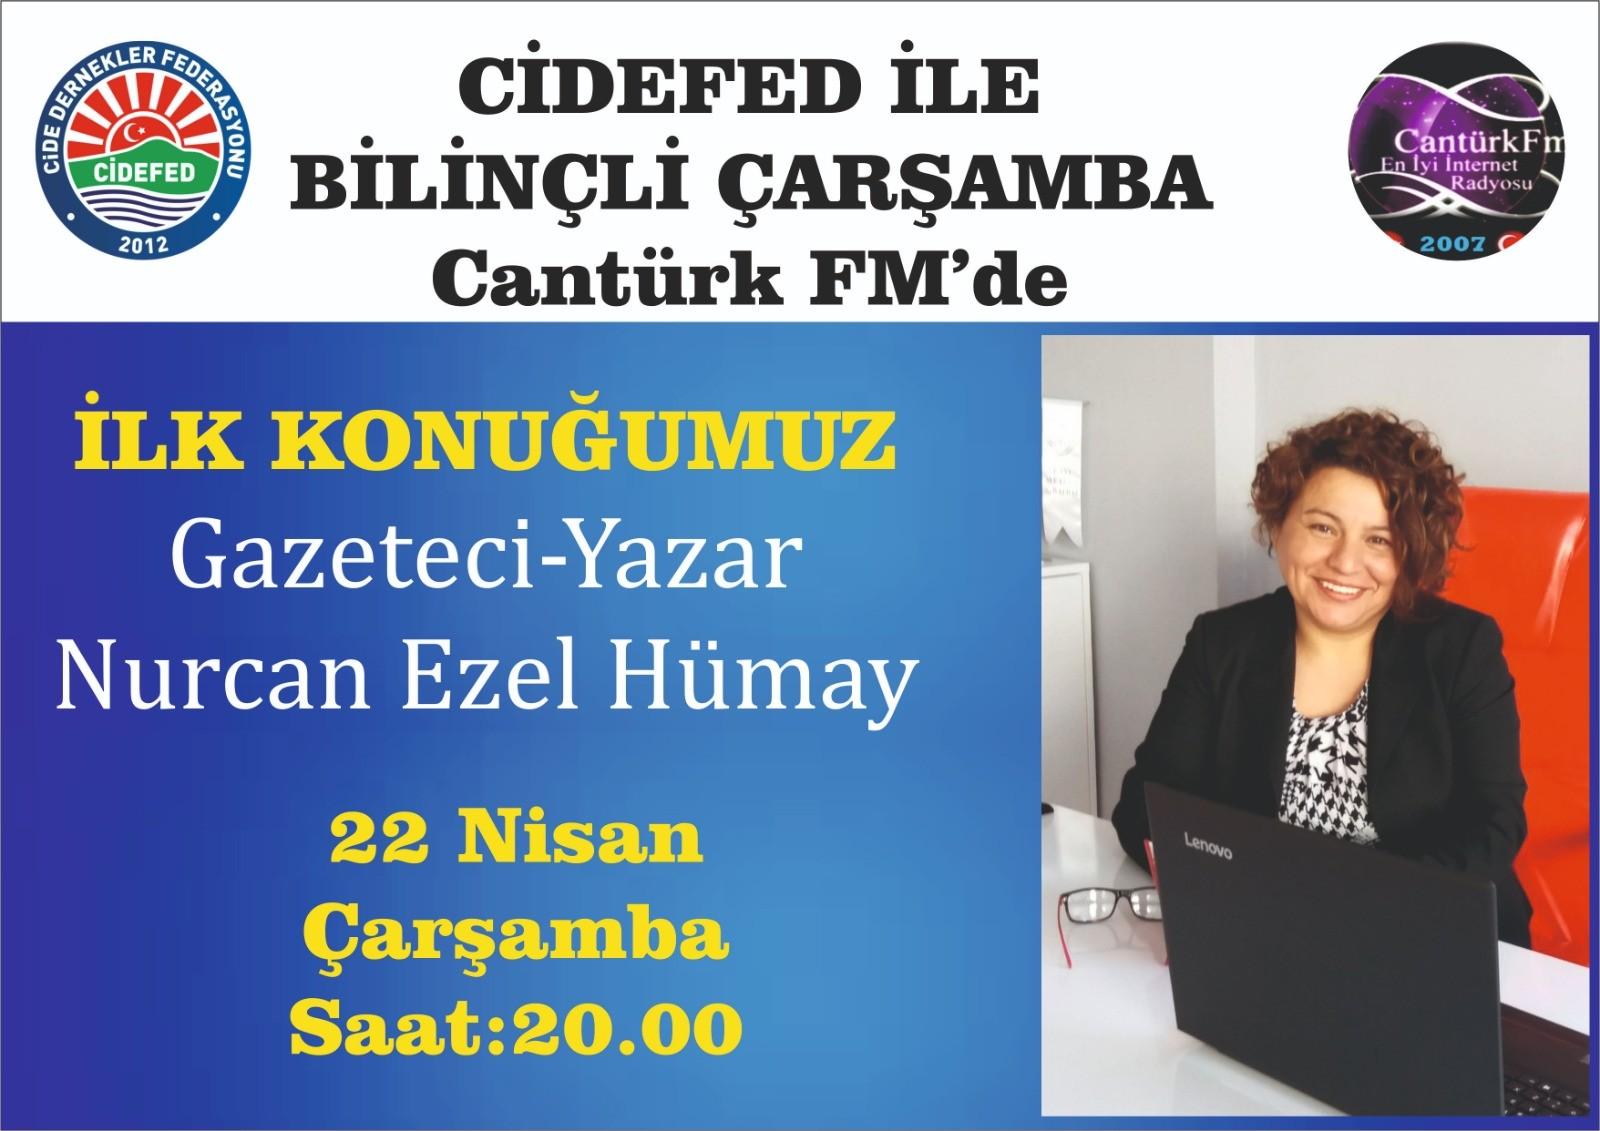 Cidefed İle Bilinçli Çarşamba - Gazeteci-Yazar Nurcan Ezel Hümay